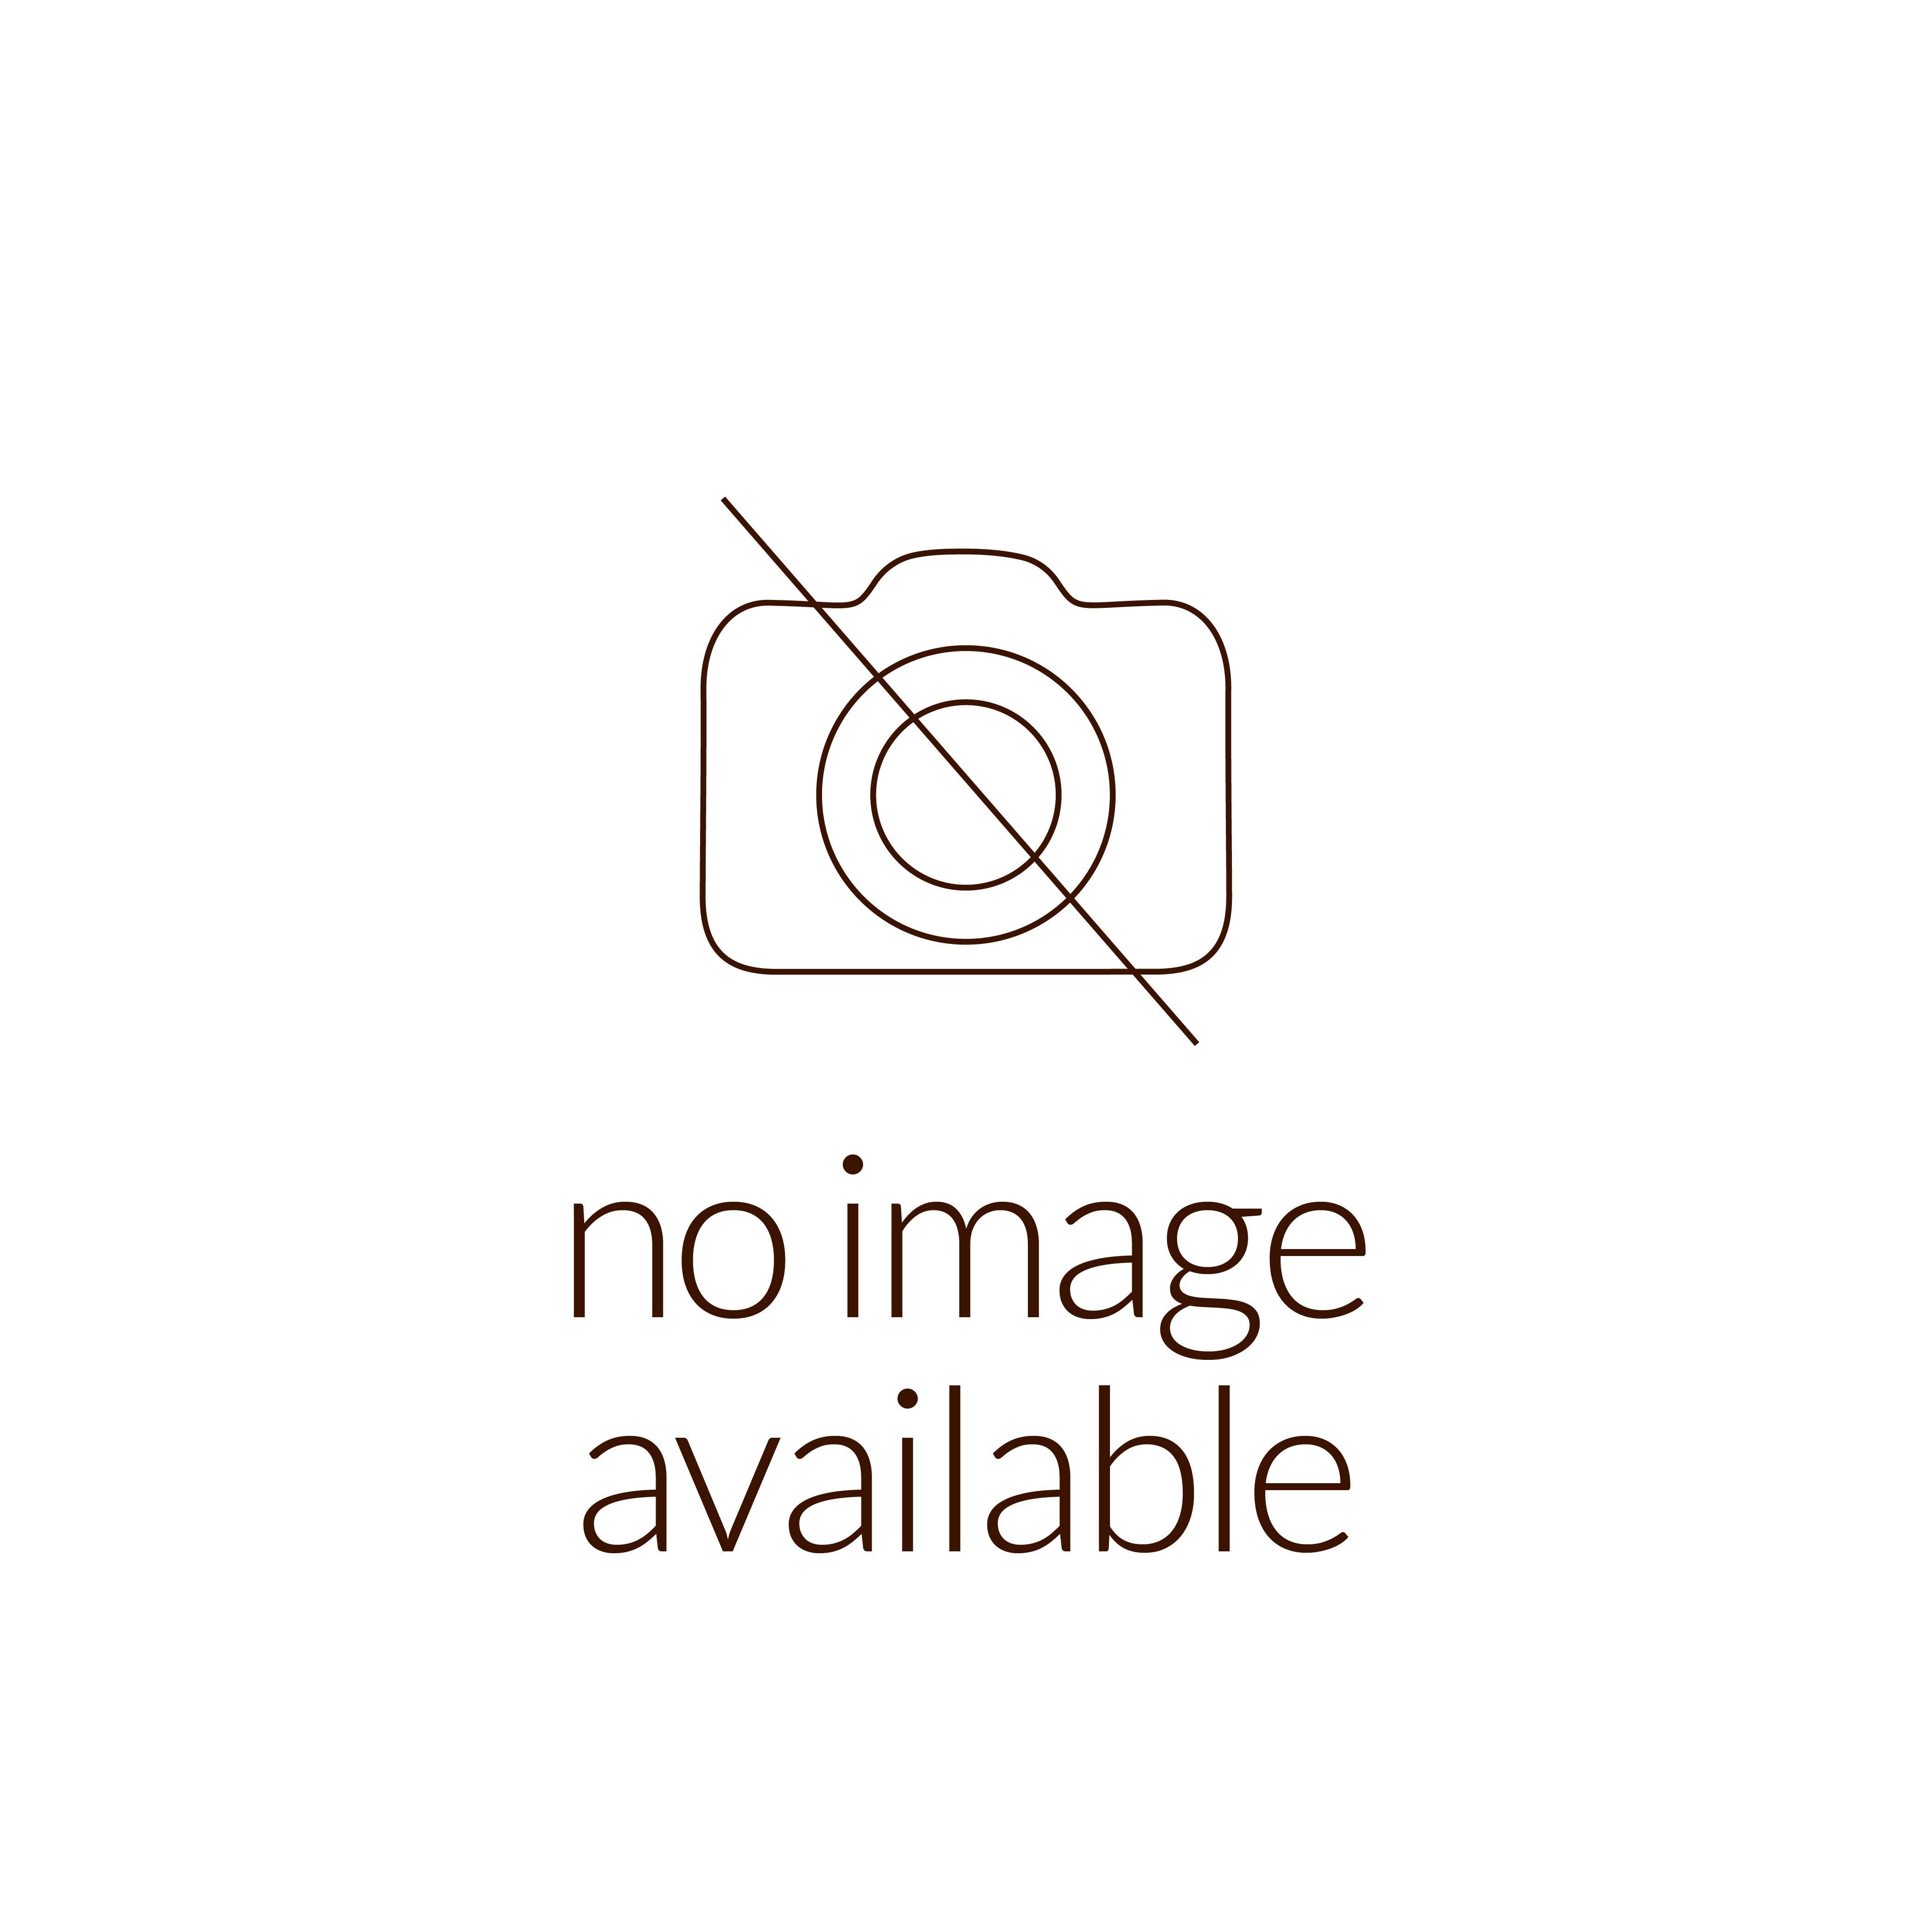 זהב להשקעה, מטיל זהב טהור, 1 גרם - צד הנושא